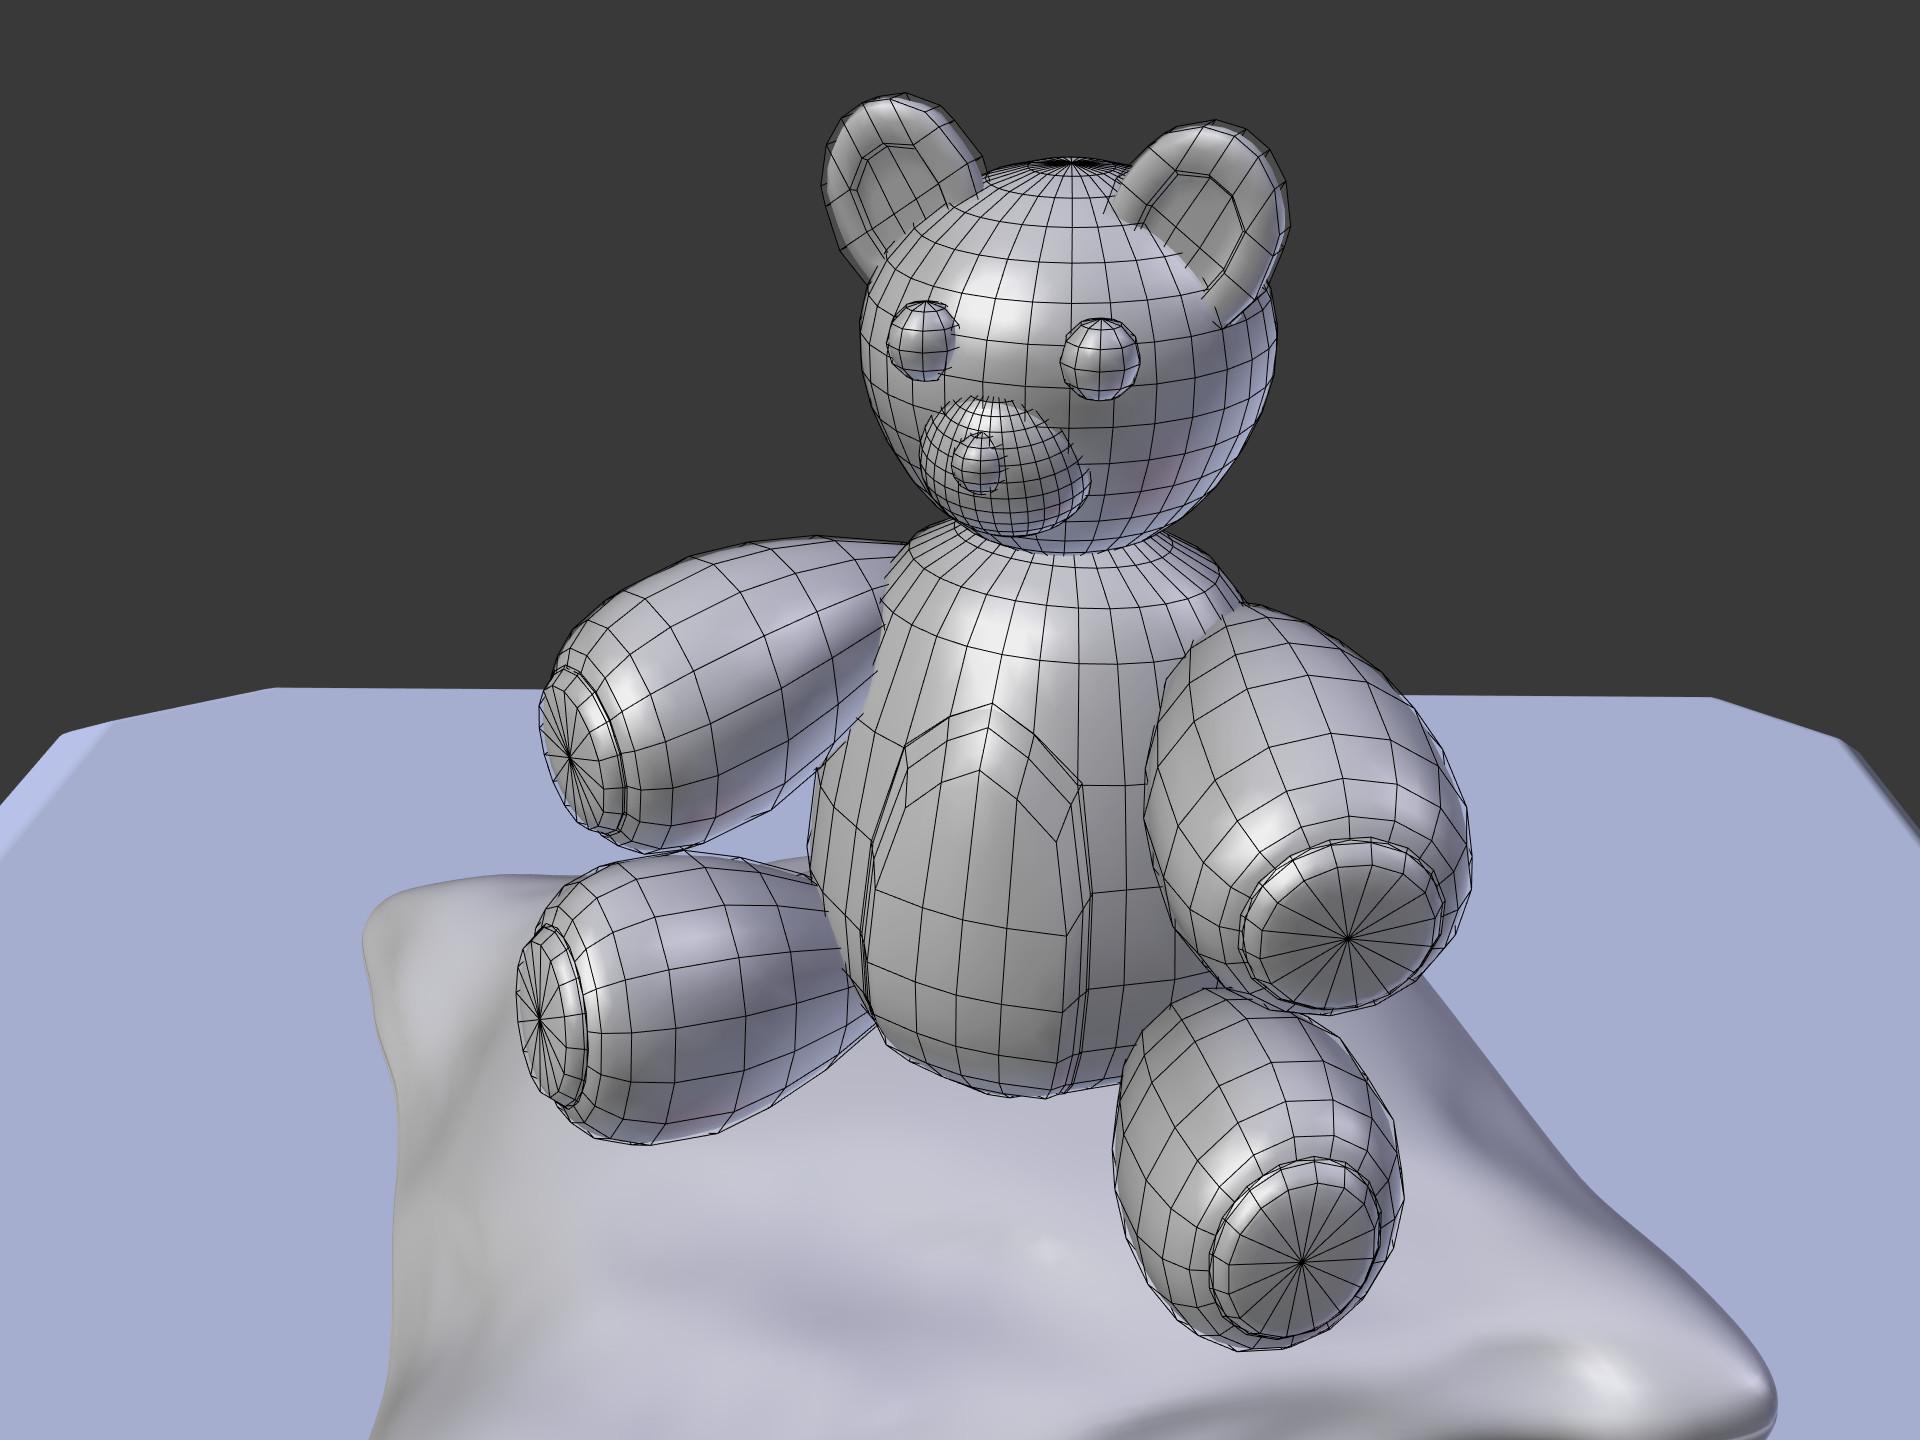 ArtStation - Teddy Bear, Adam Dodgen